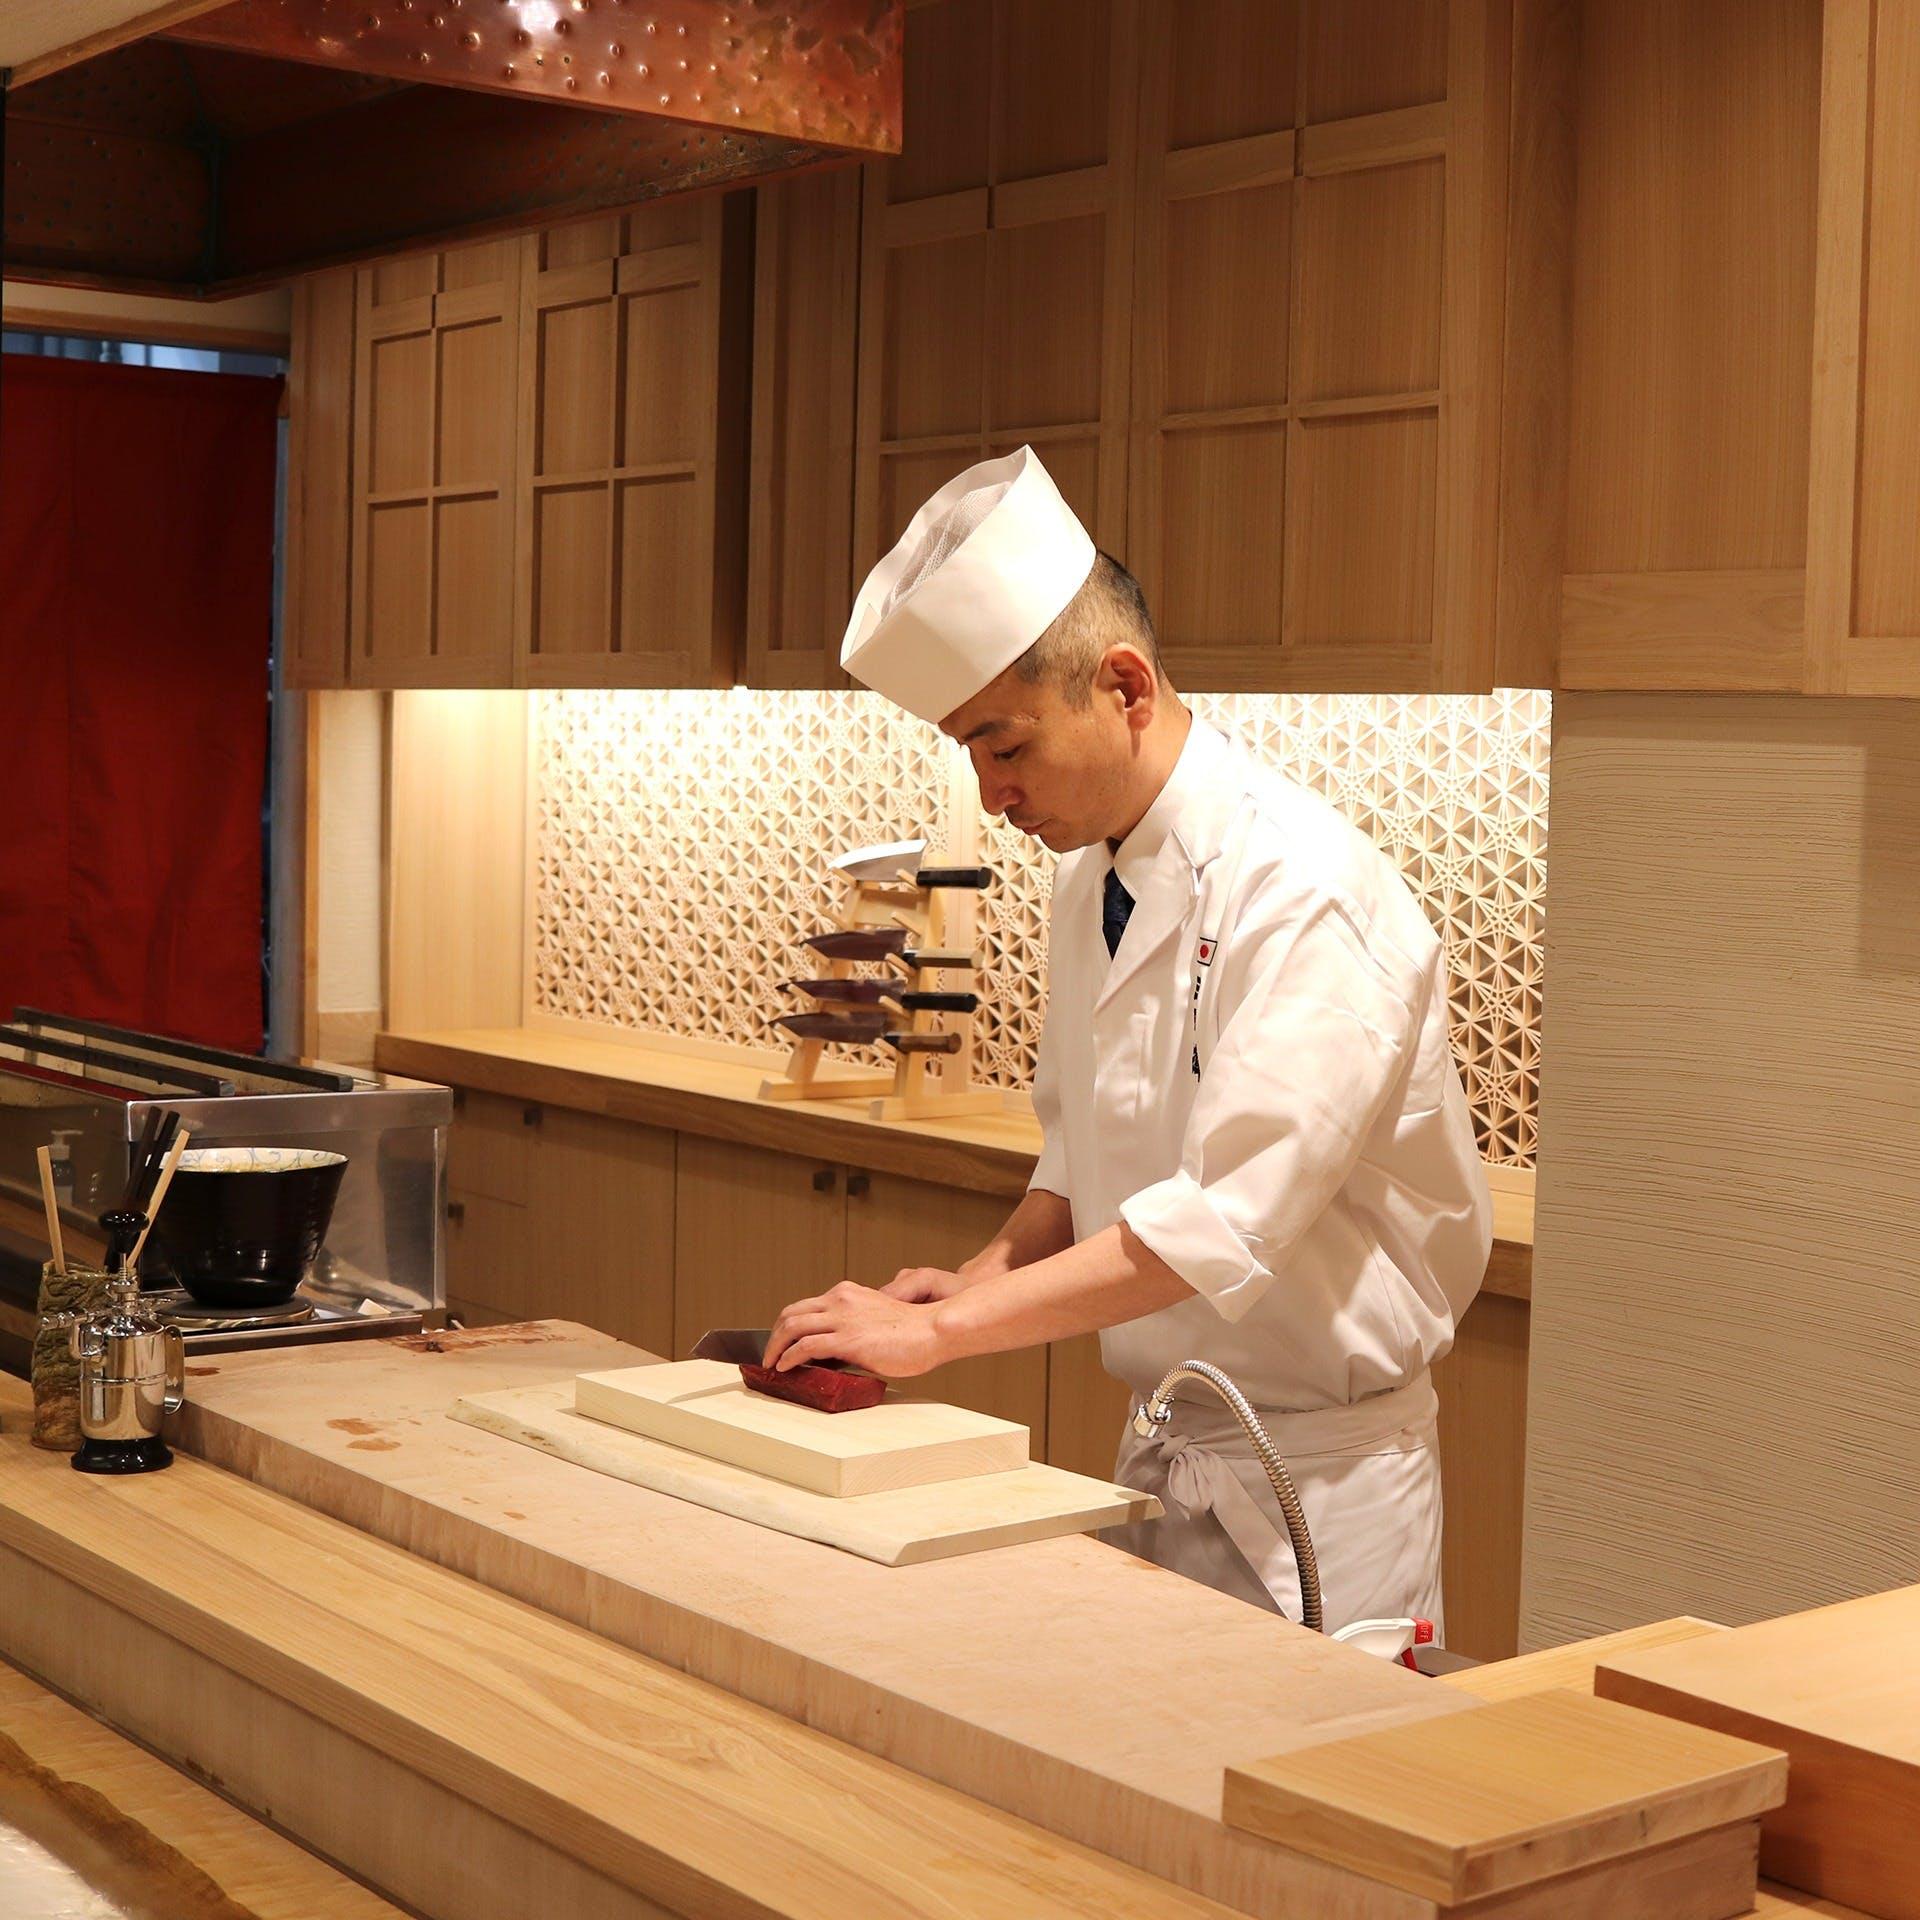 日本料理界の若き天才「三宅輝」が世界を繋ぐ架け橋に